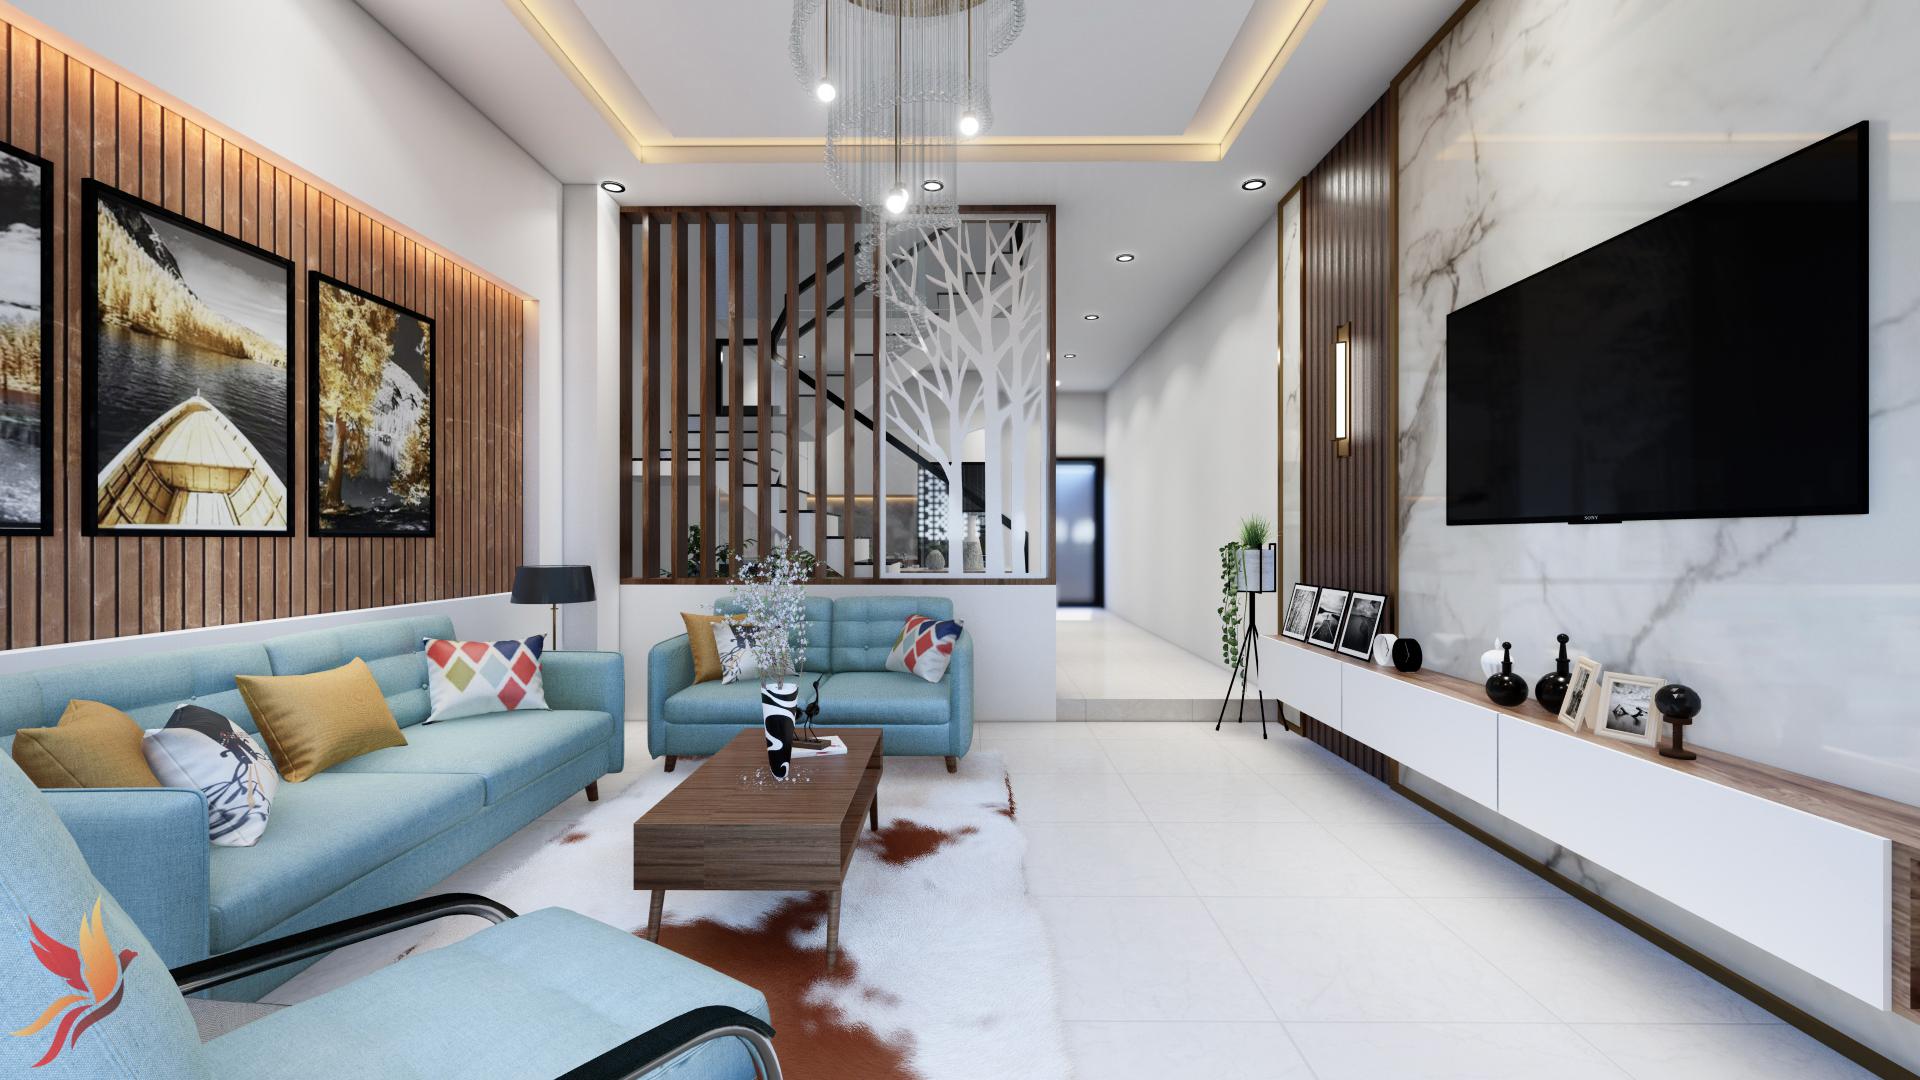 Thiết kế thi công phòng khách tại Vĩnh Phúc